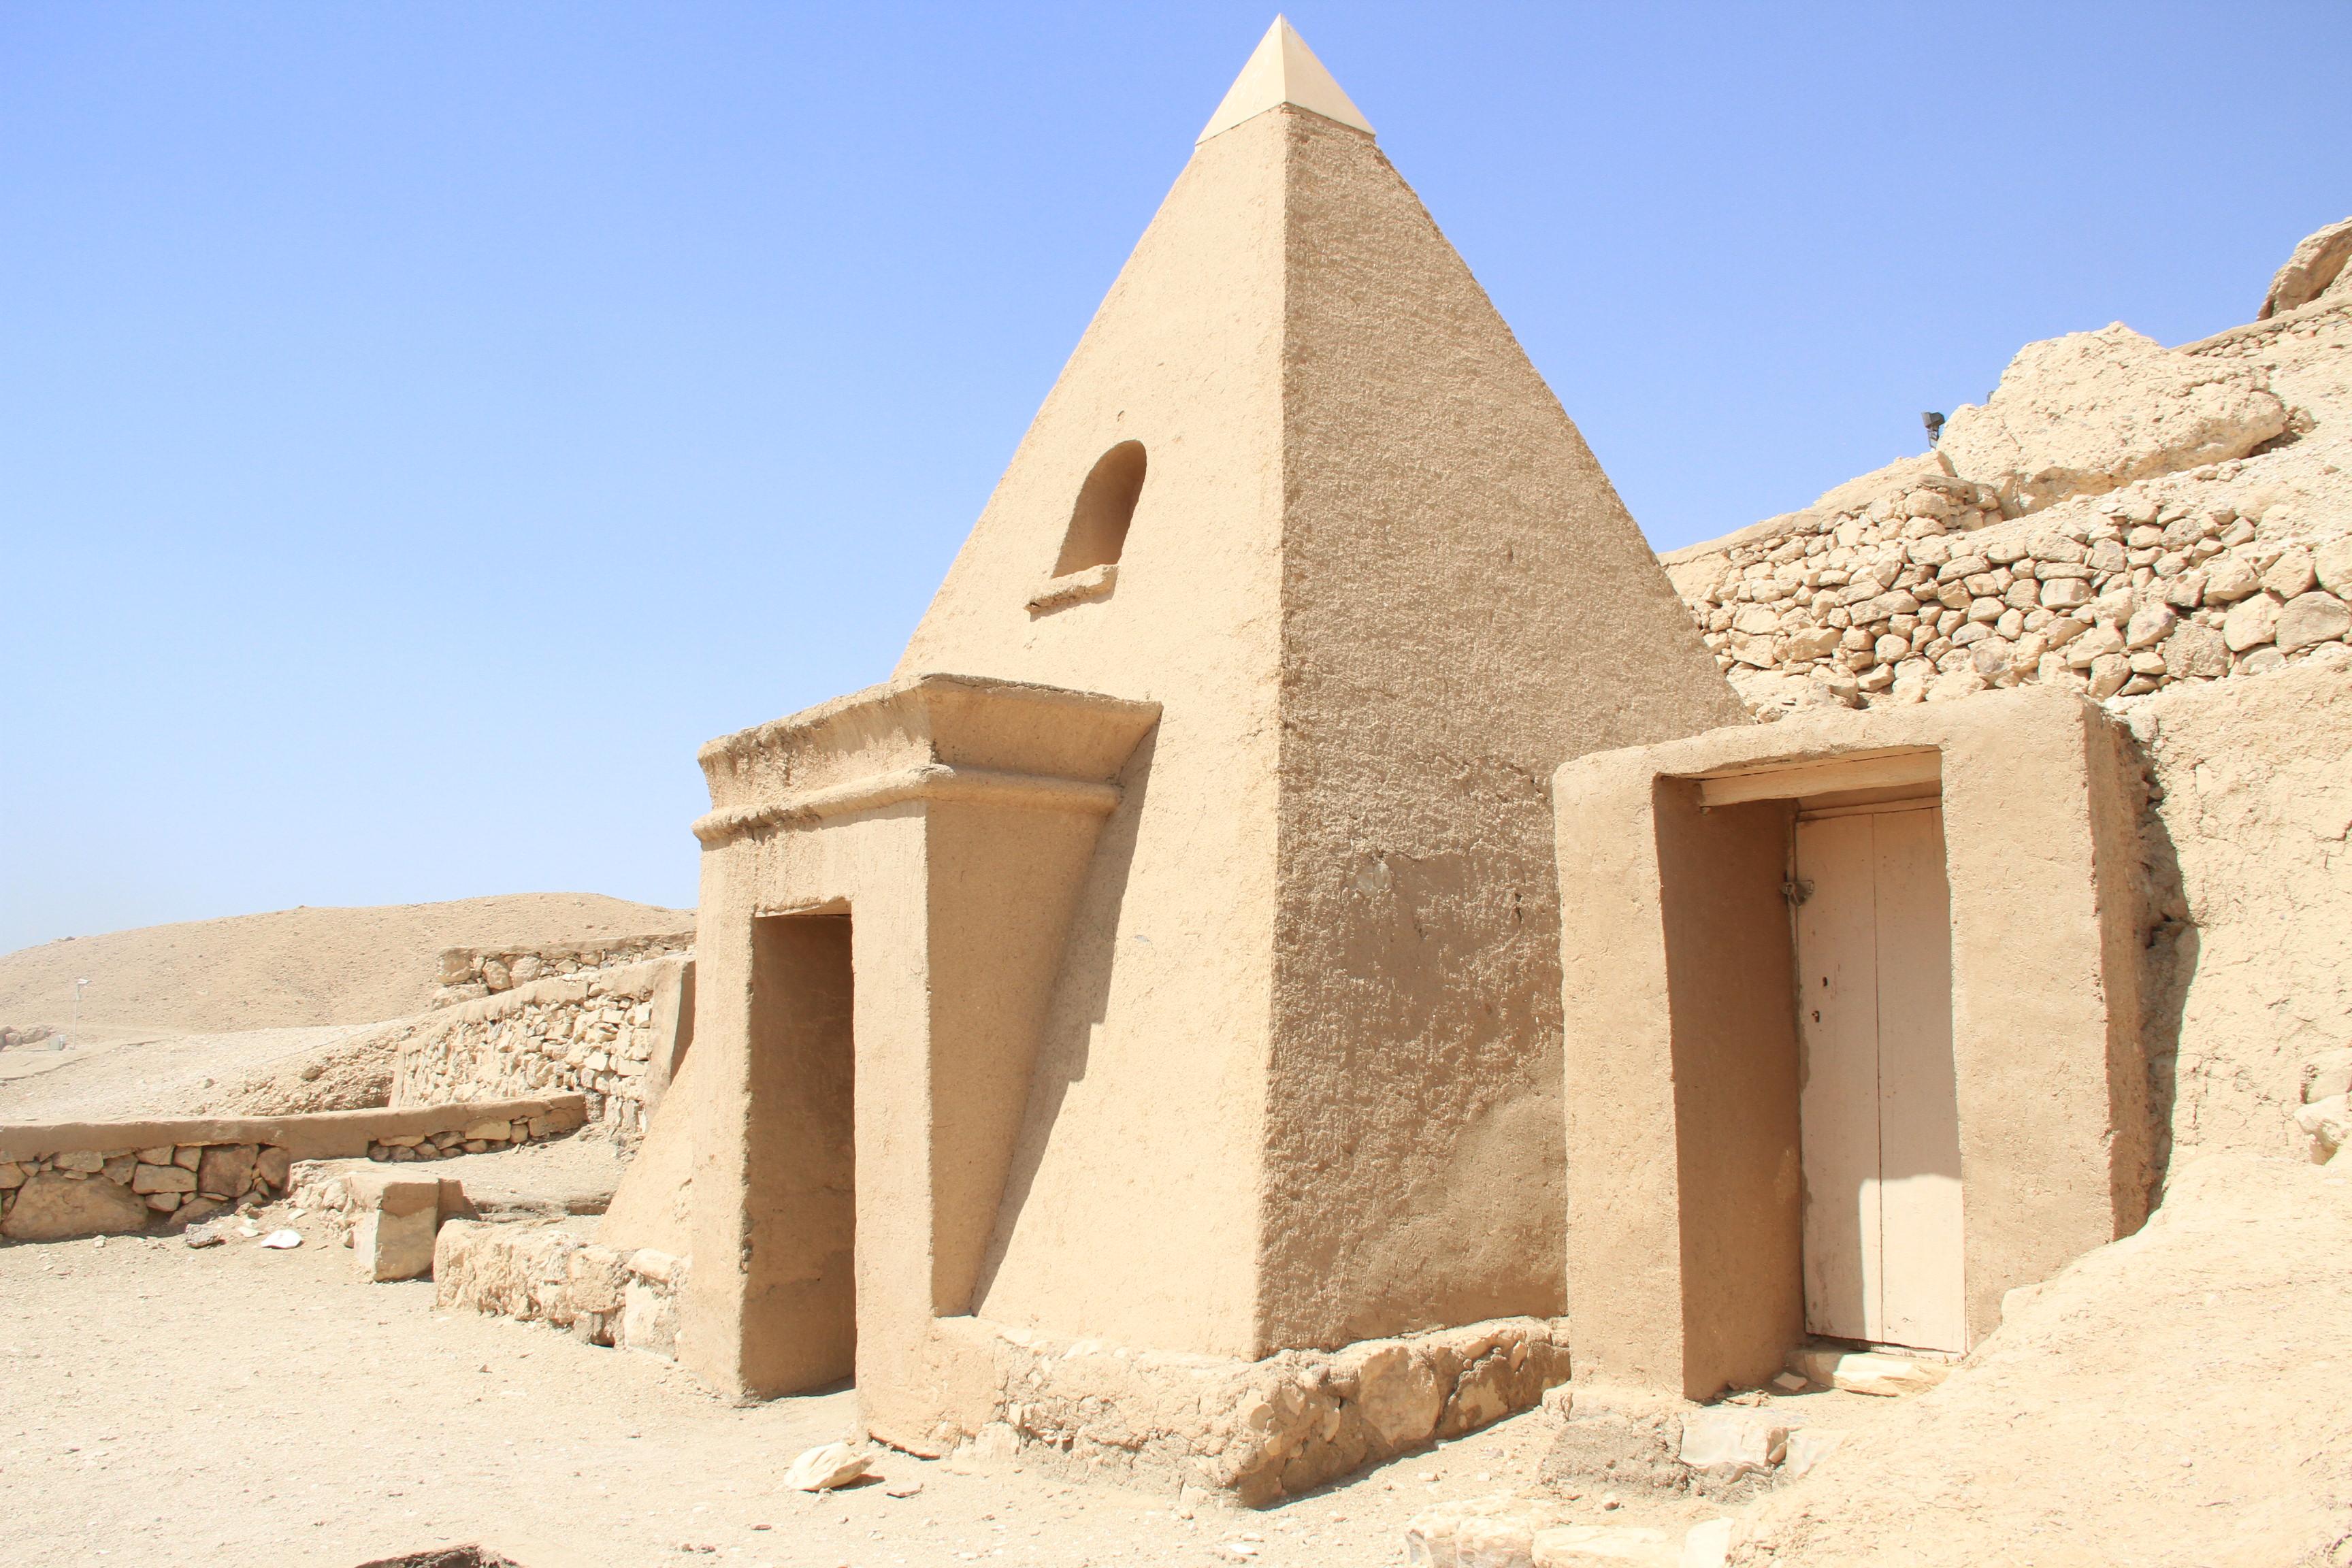 Маленькая пирамида перед гробницей вДейр эль-Медине